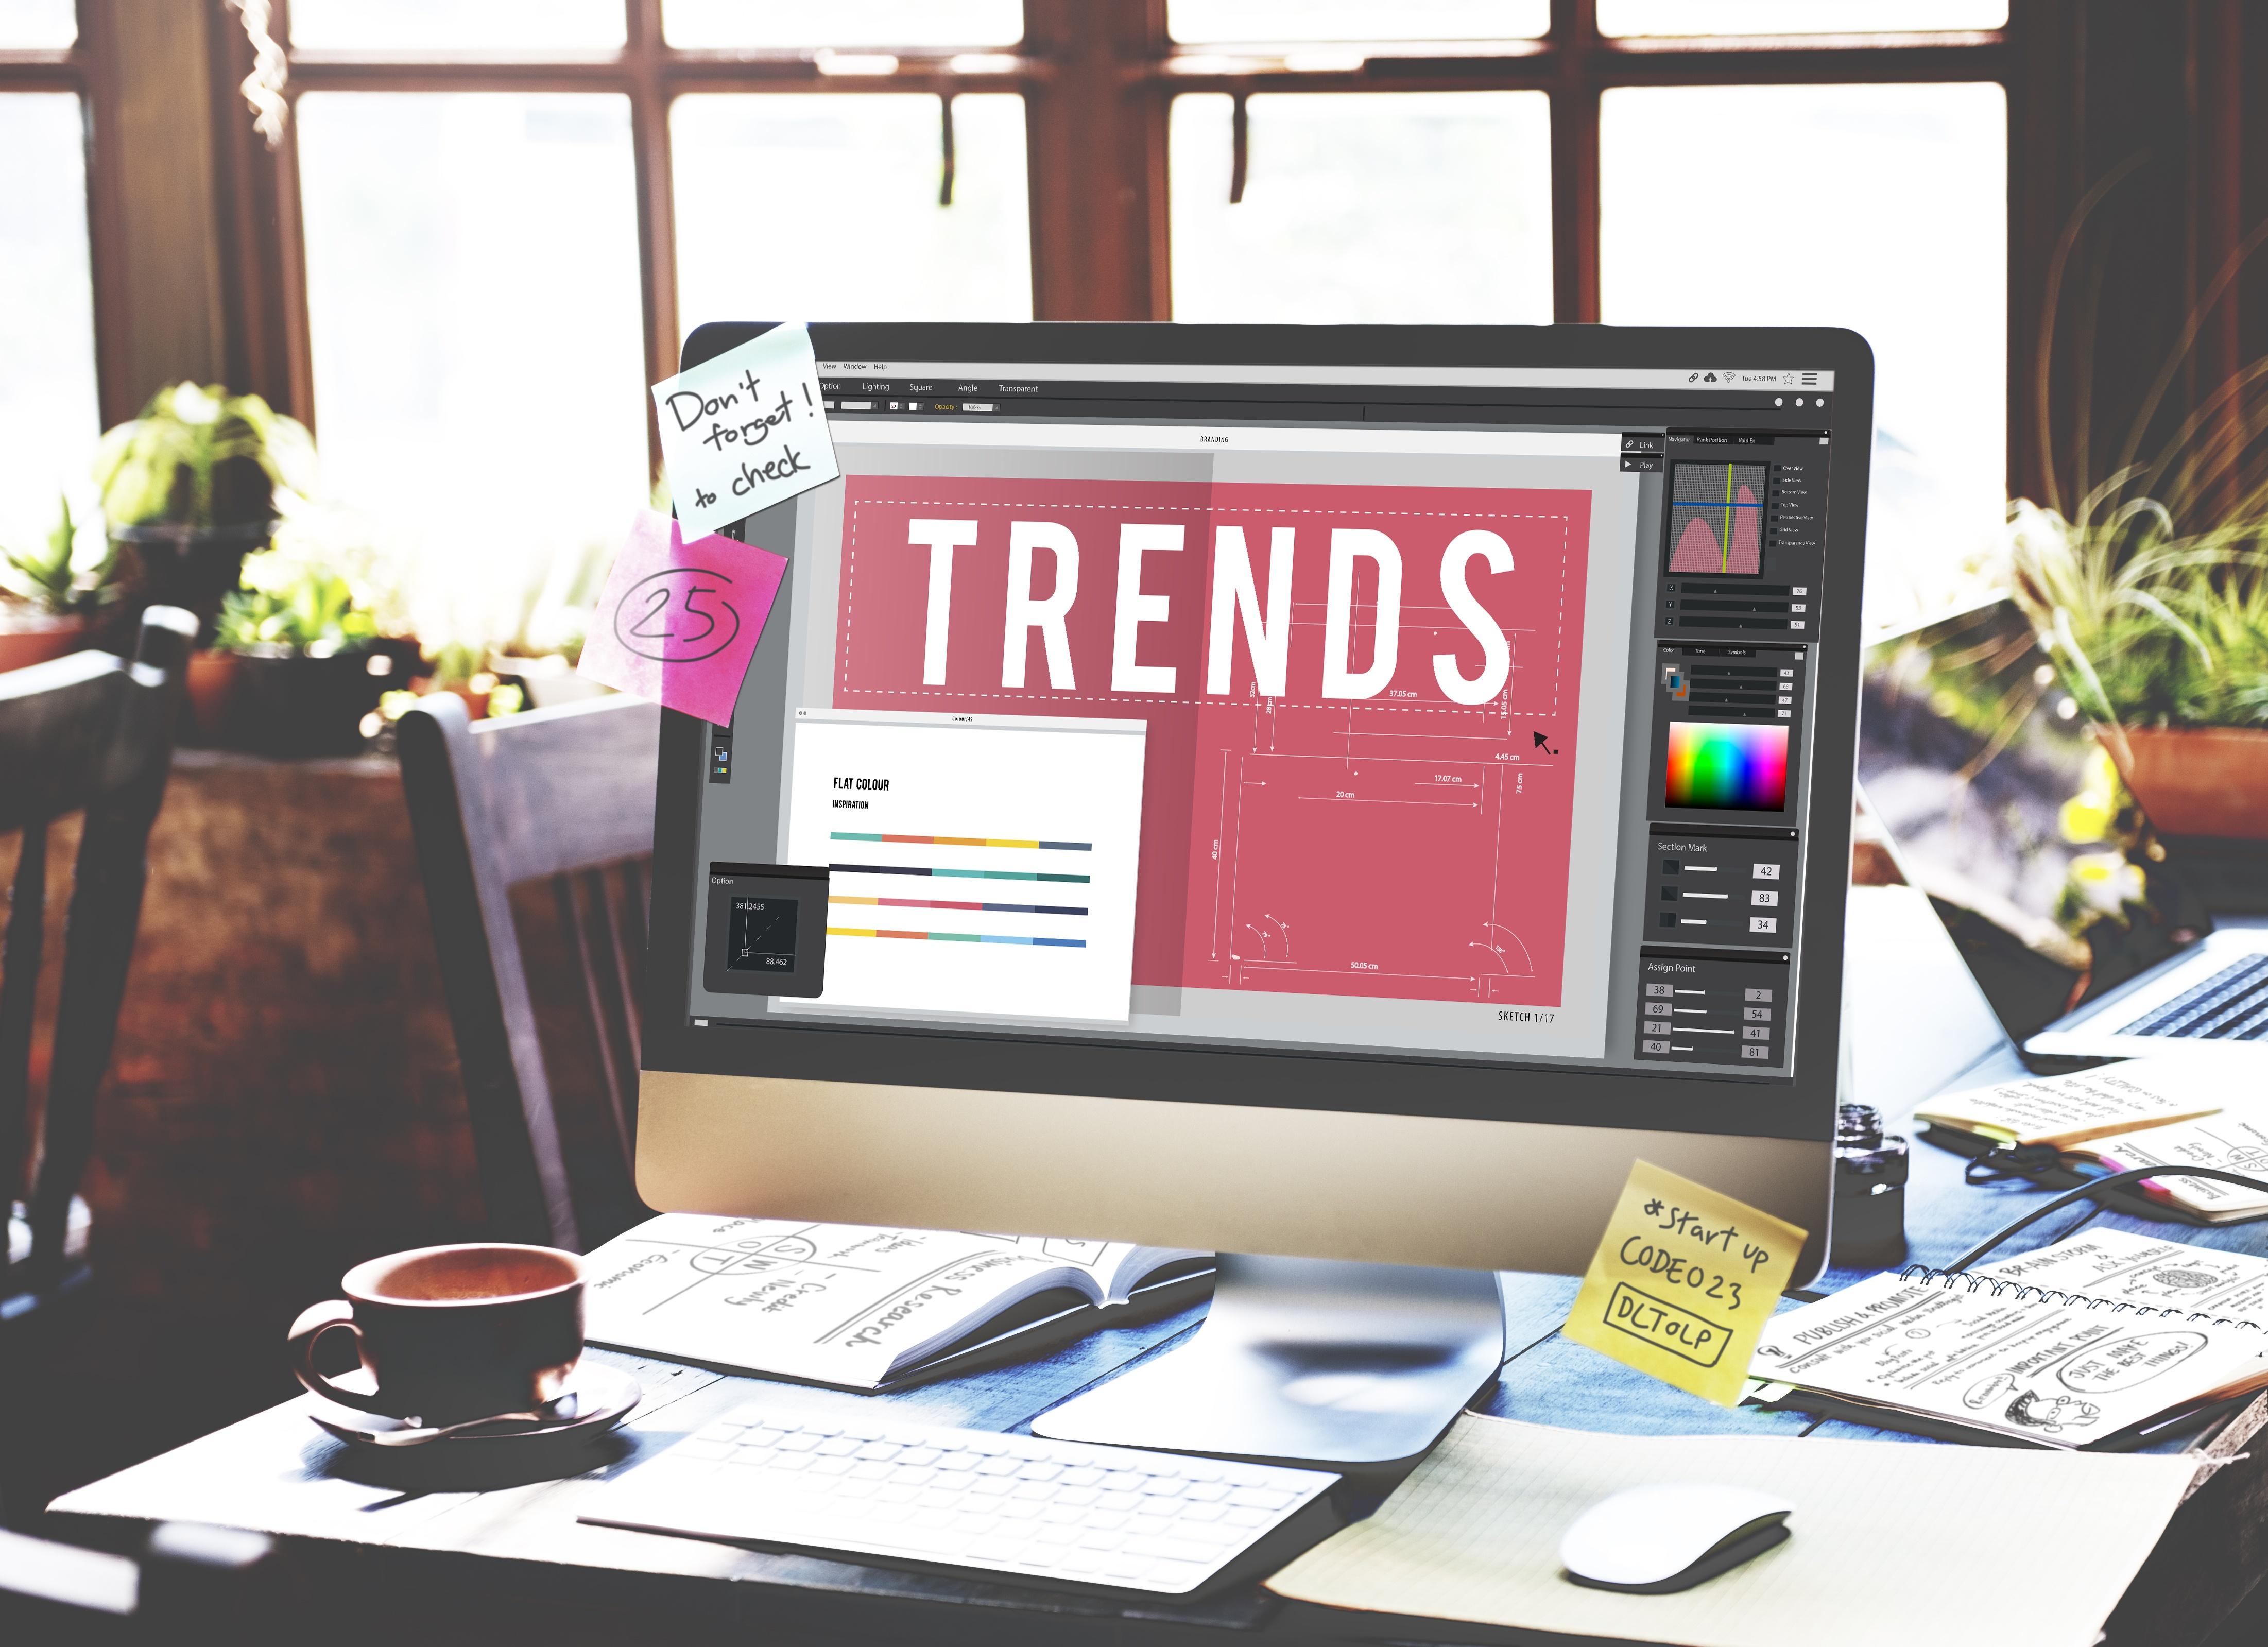 bigstock-Trends-Trend-Trending-Trendy-F-121678844.jpg